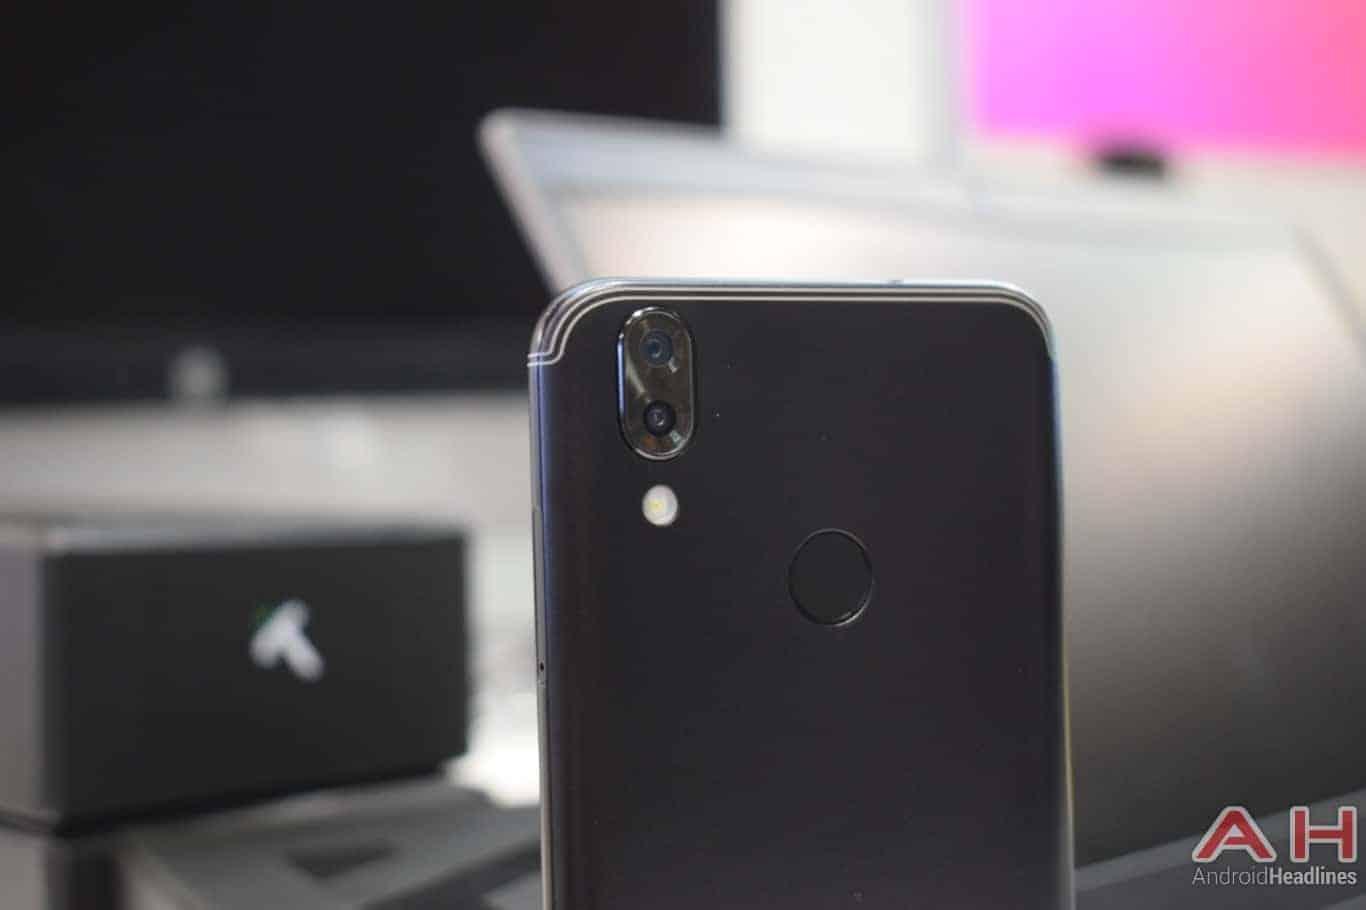 AH SIKURPhone image 18